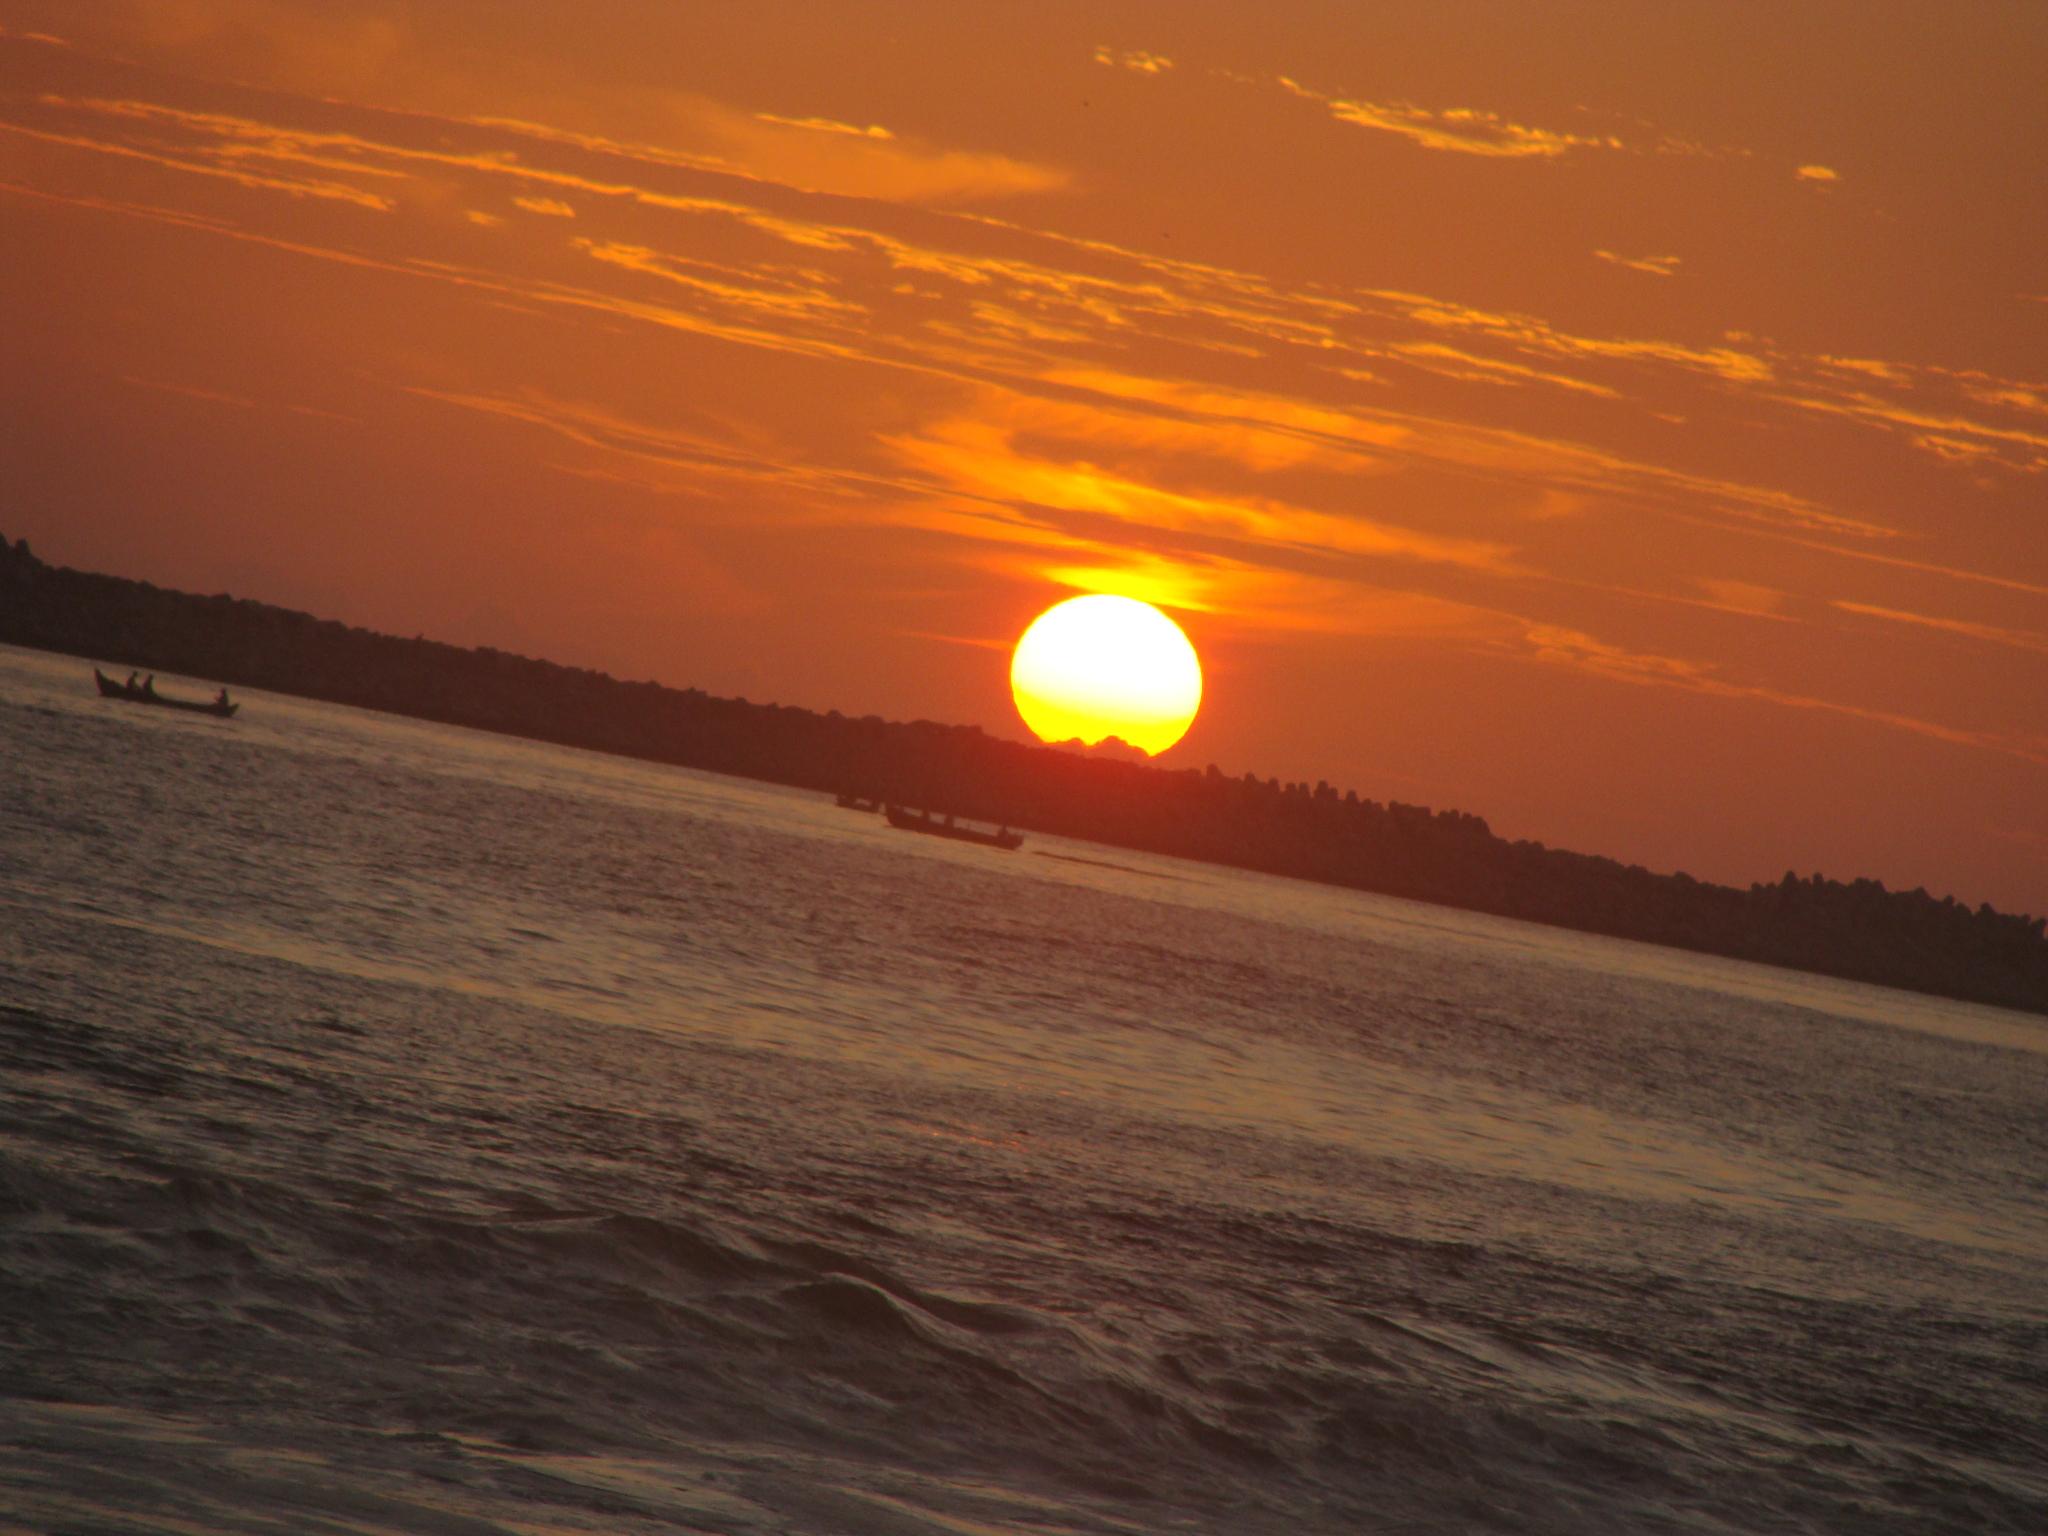 sunset at kollam beach